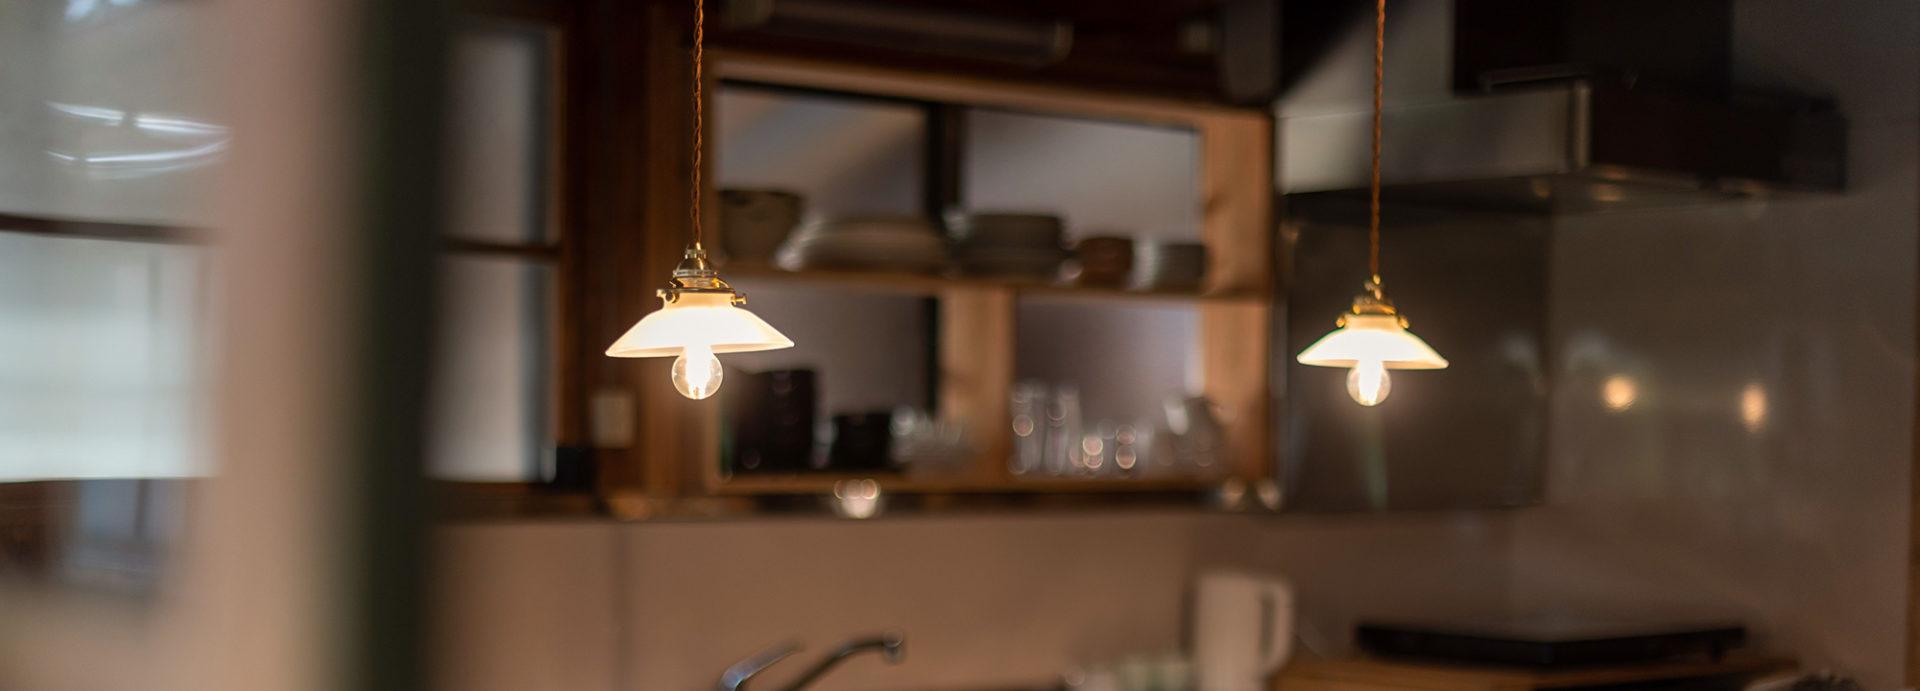 写真:キッチンの棚とランプ